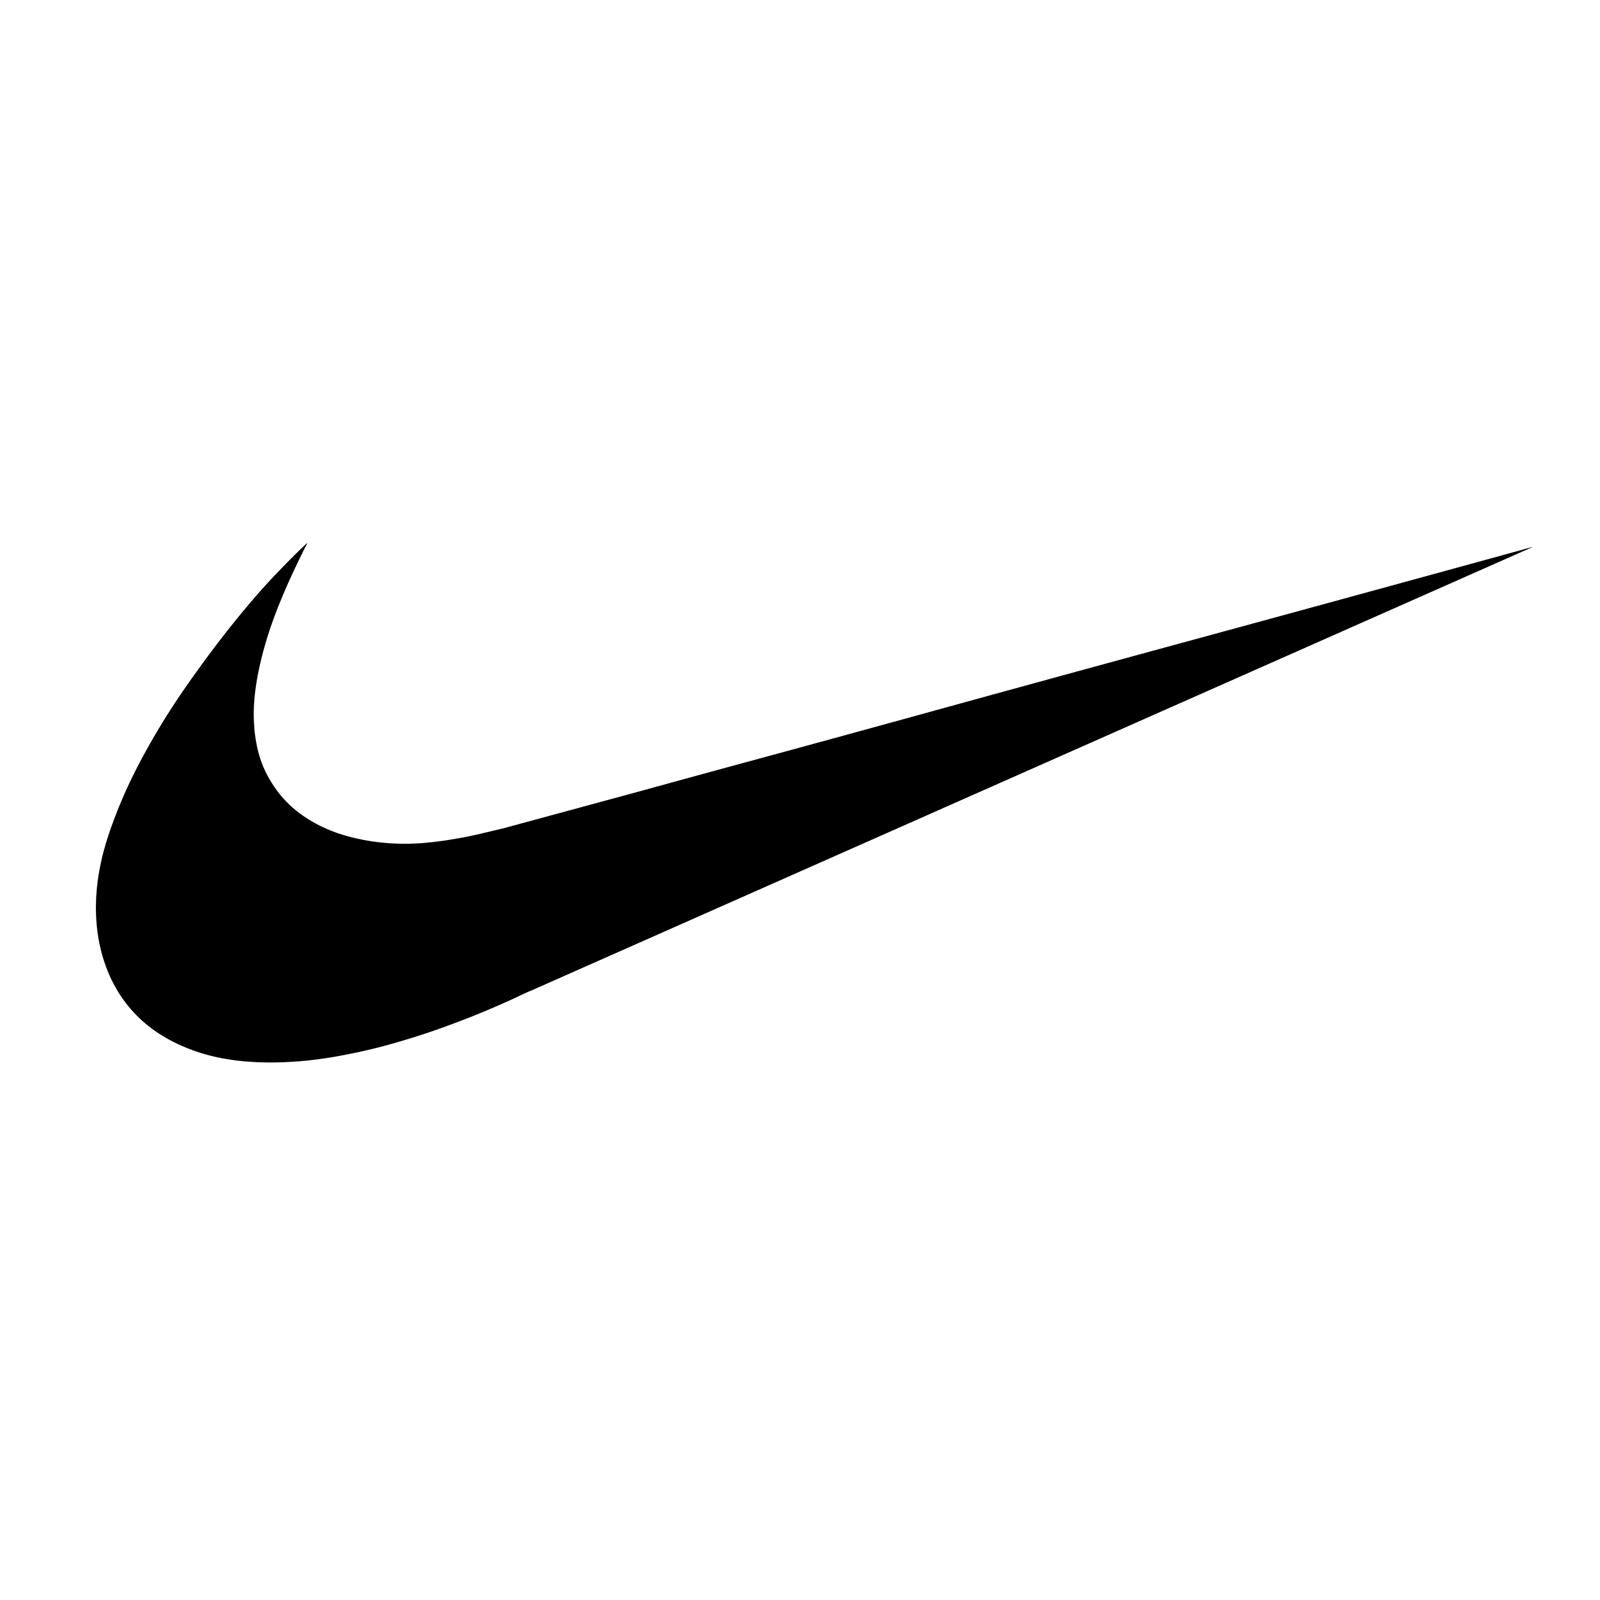 nike_swoosh_logo_black.png